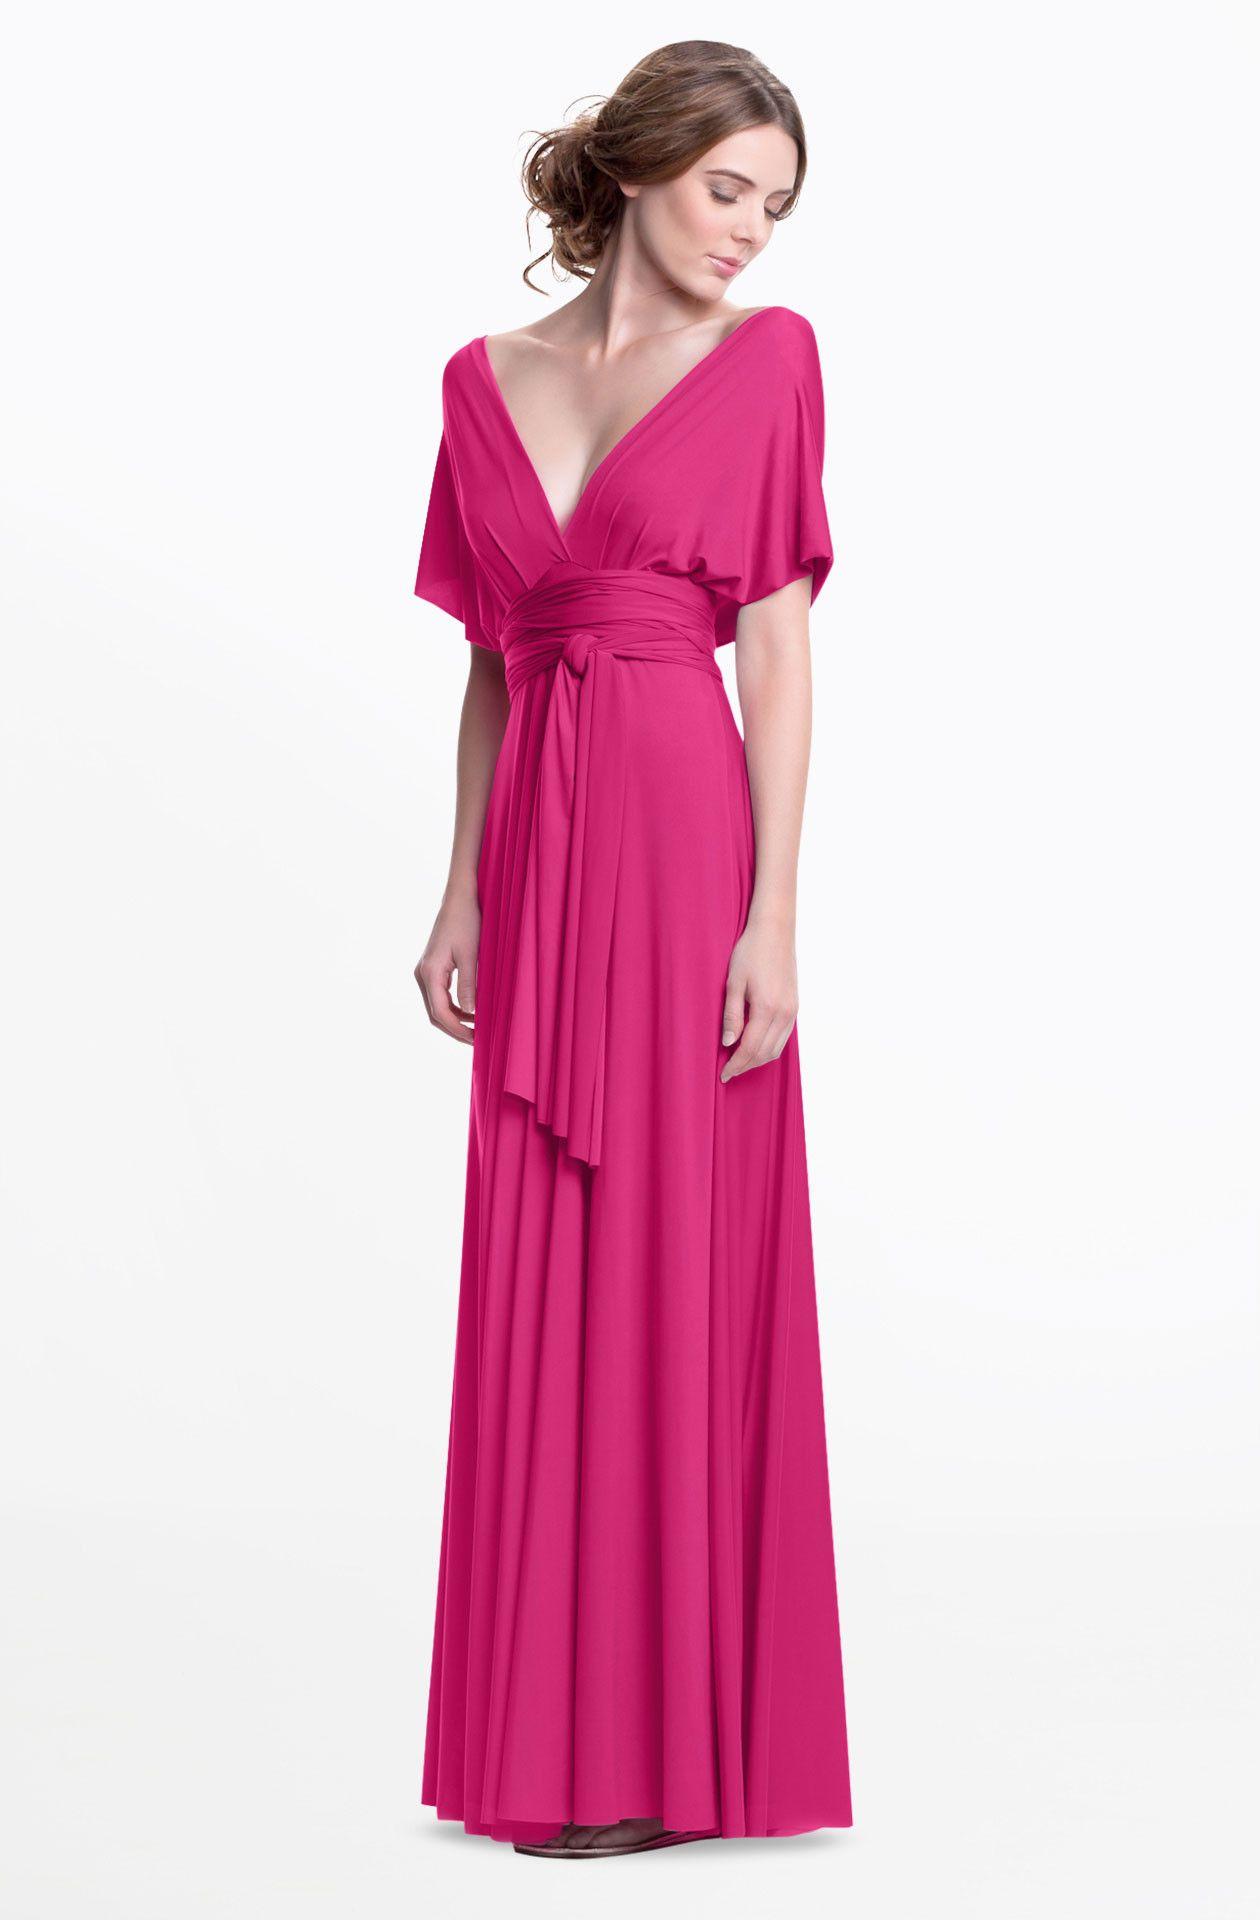 Sakura Maxi Convertible Dress - Made to Order | Pinterest | Vestidos ...